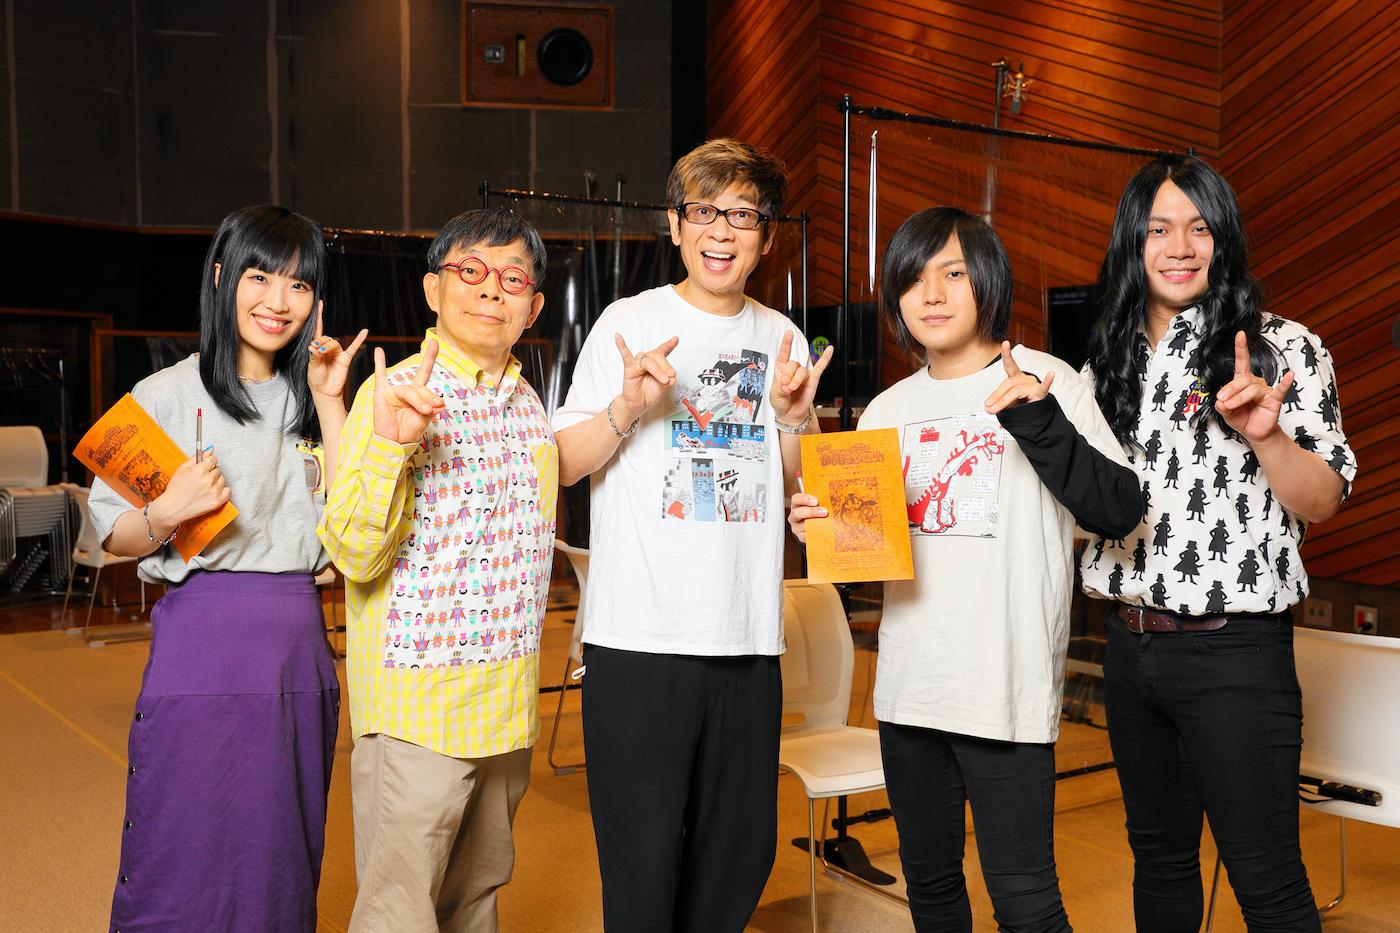 集合写真(左から、しばた、原作者・原ゆたか、ゾロリ役・山寺宏一、こやま、もりもと)